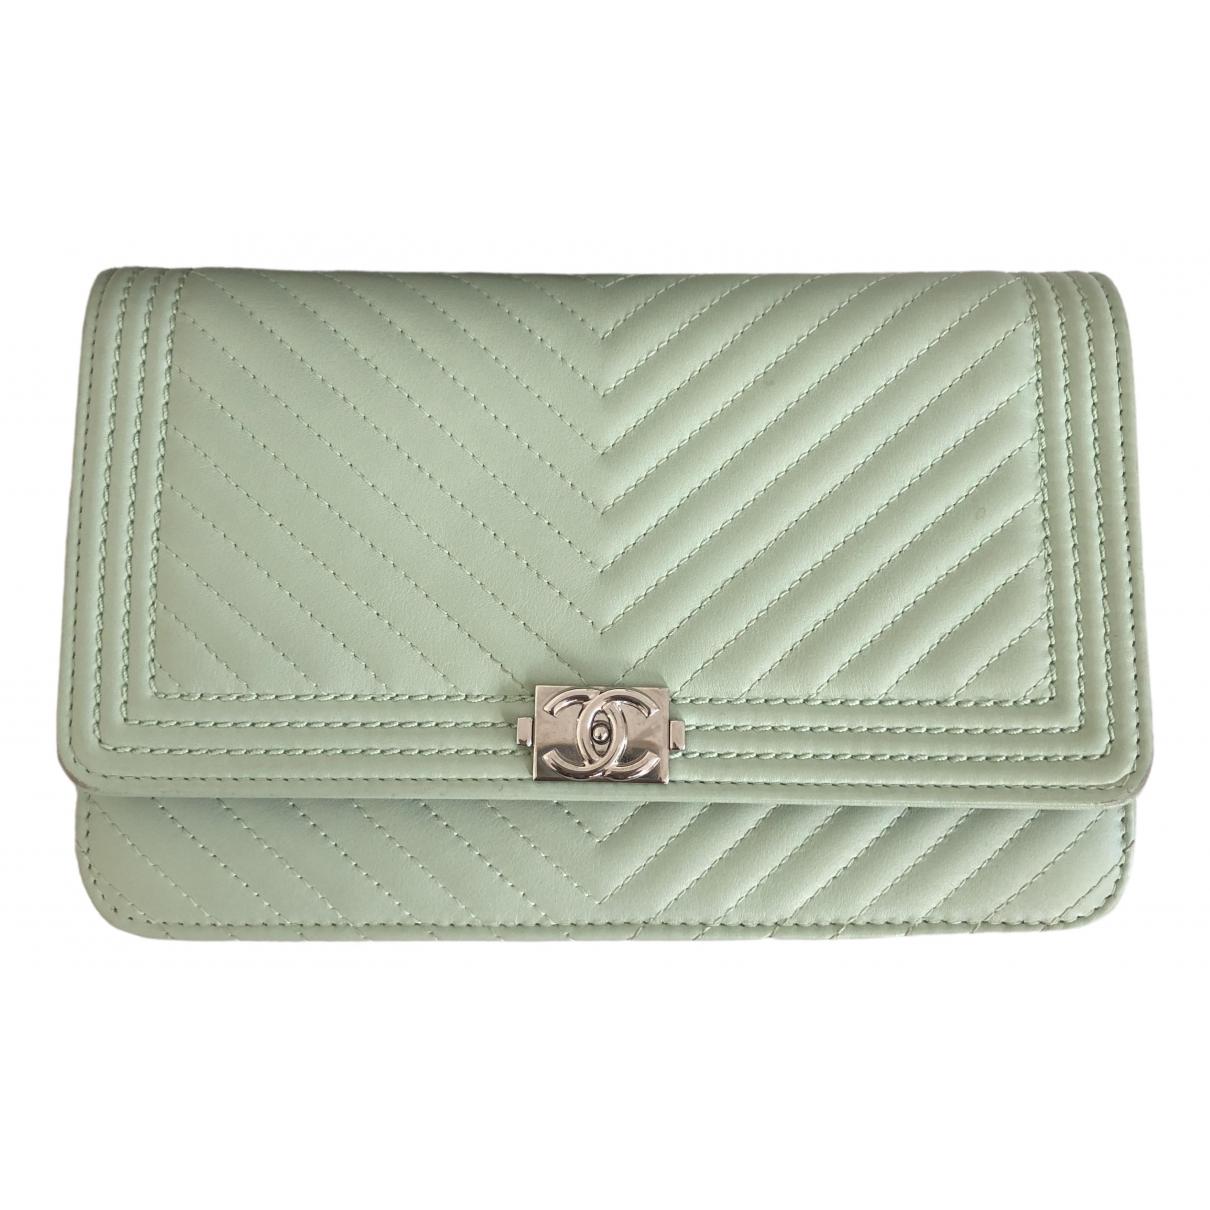 Chanel Wallet on Chain Handtasche in Leder